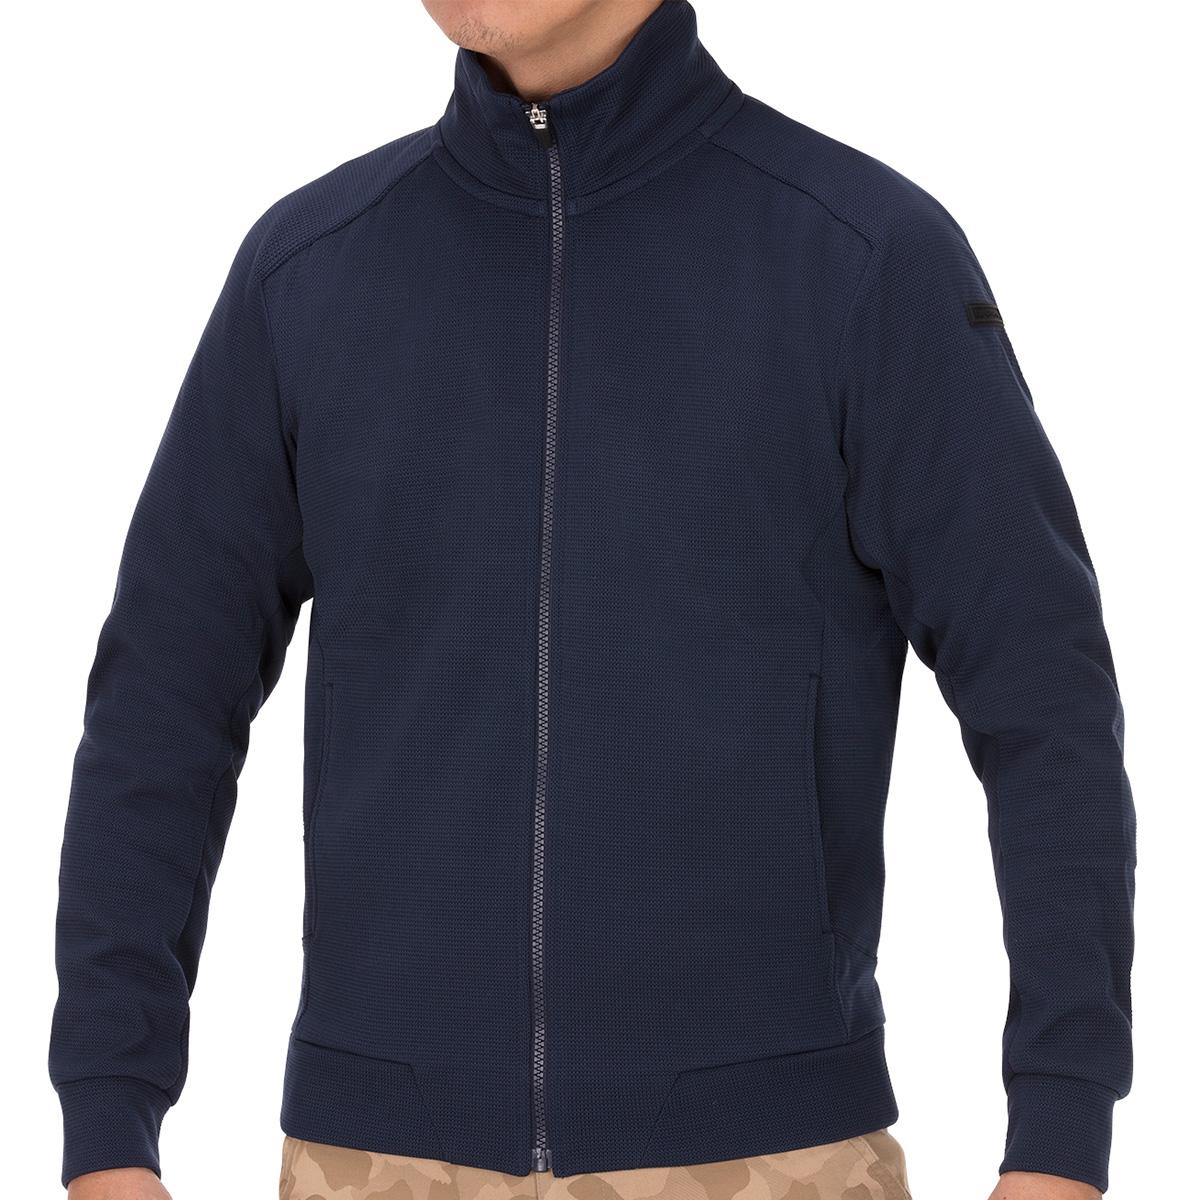 フルジップ防風ニットジャケット